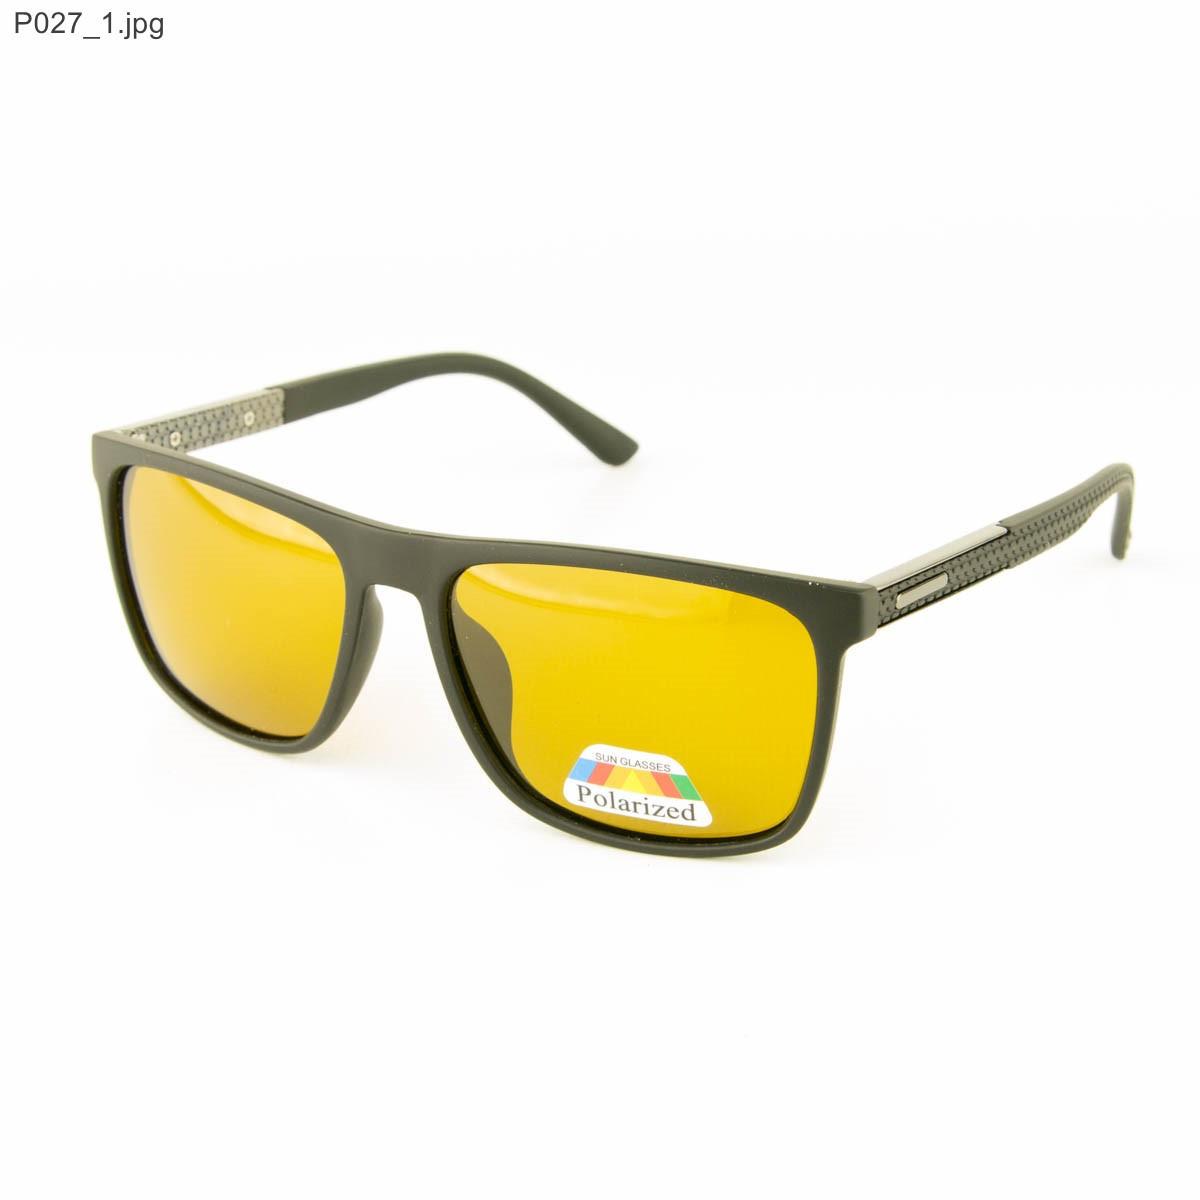 Оптом мужские очки для водителей Polarized с желтыми линзами - P027